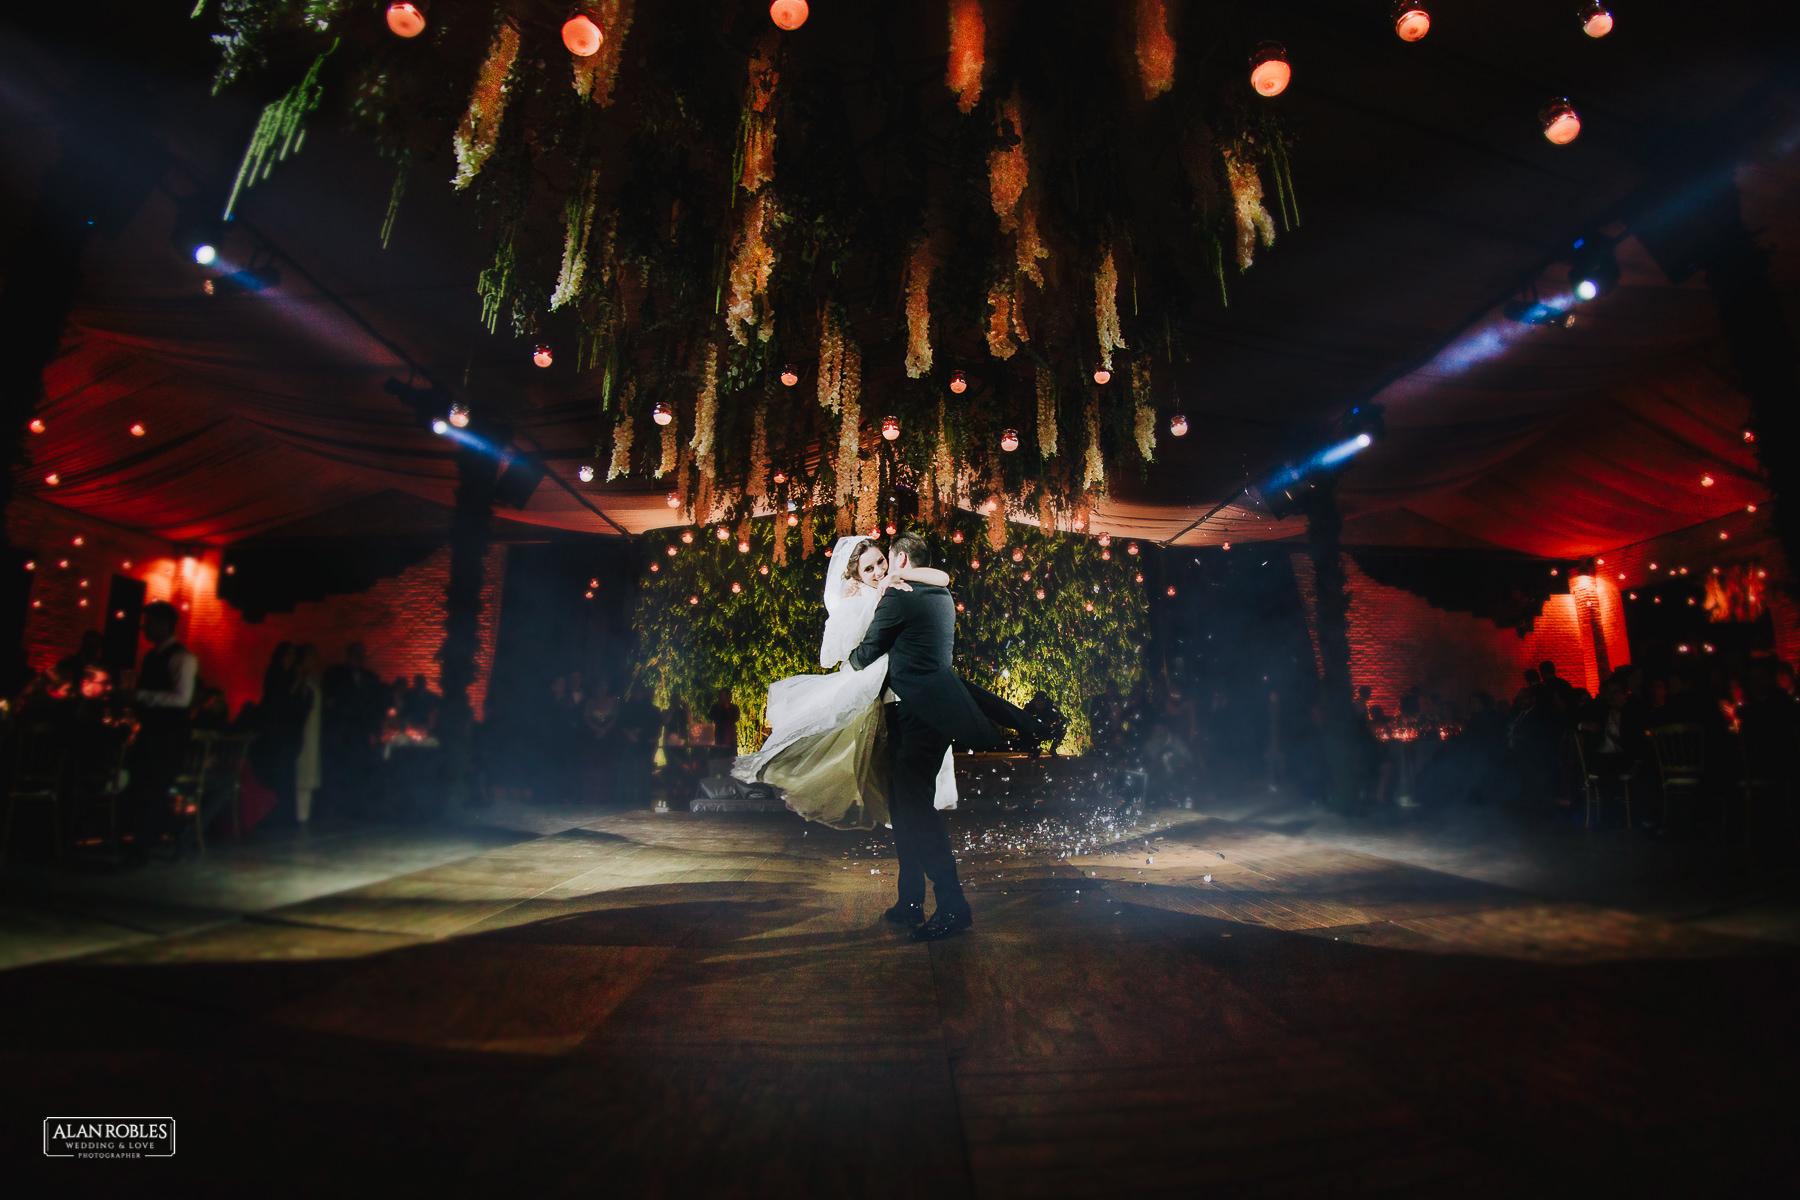 Fotografo de bodas Alan Robles-Casa Clementina Guadalajara DyA-62